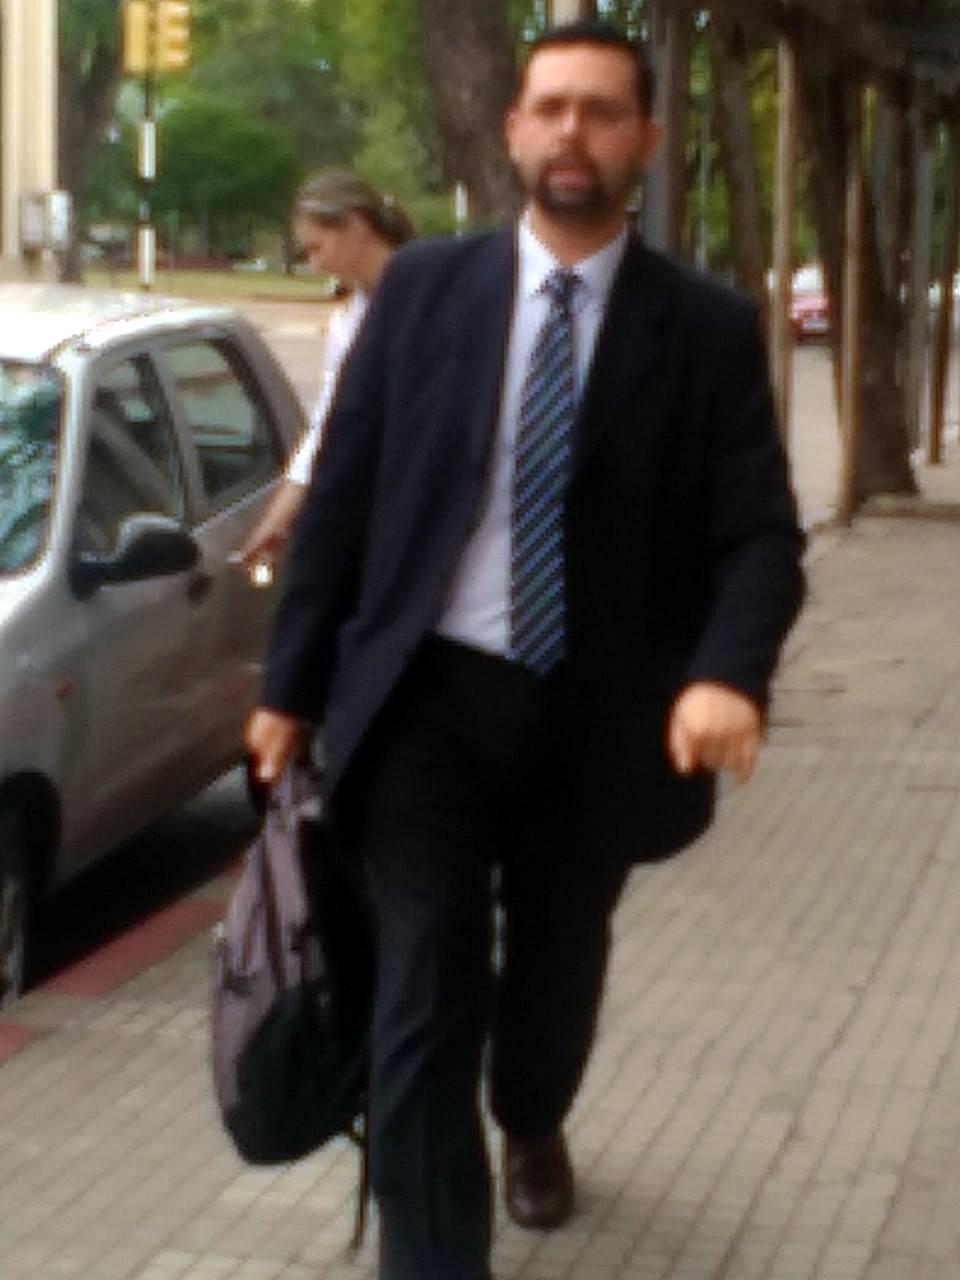 DONDE ESTÁ EL JUEZ  DR. HUGO RUNDIE QUIEN CONDENÓ AL INTENDENTE DE SALTO POR DIFAMACIÓN ?